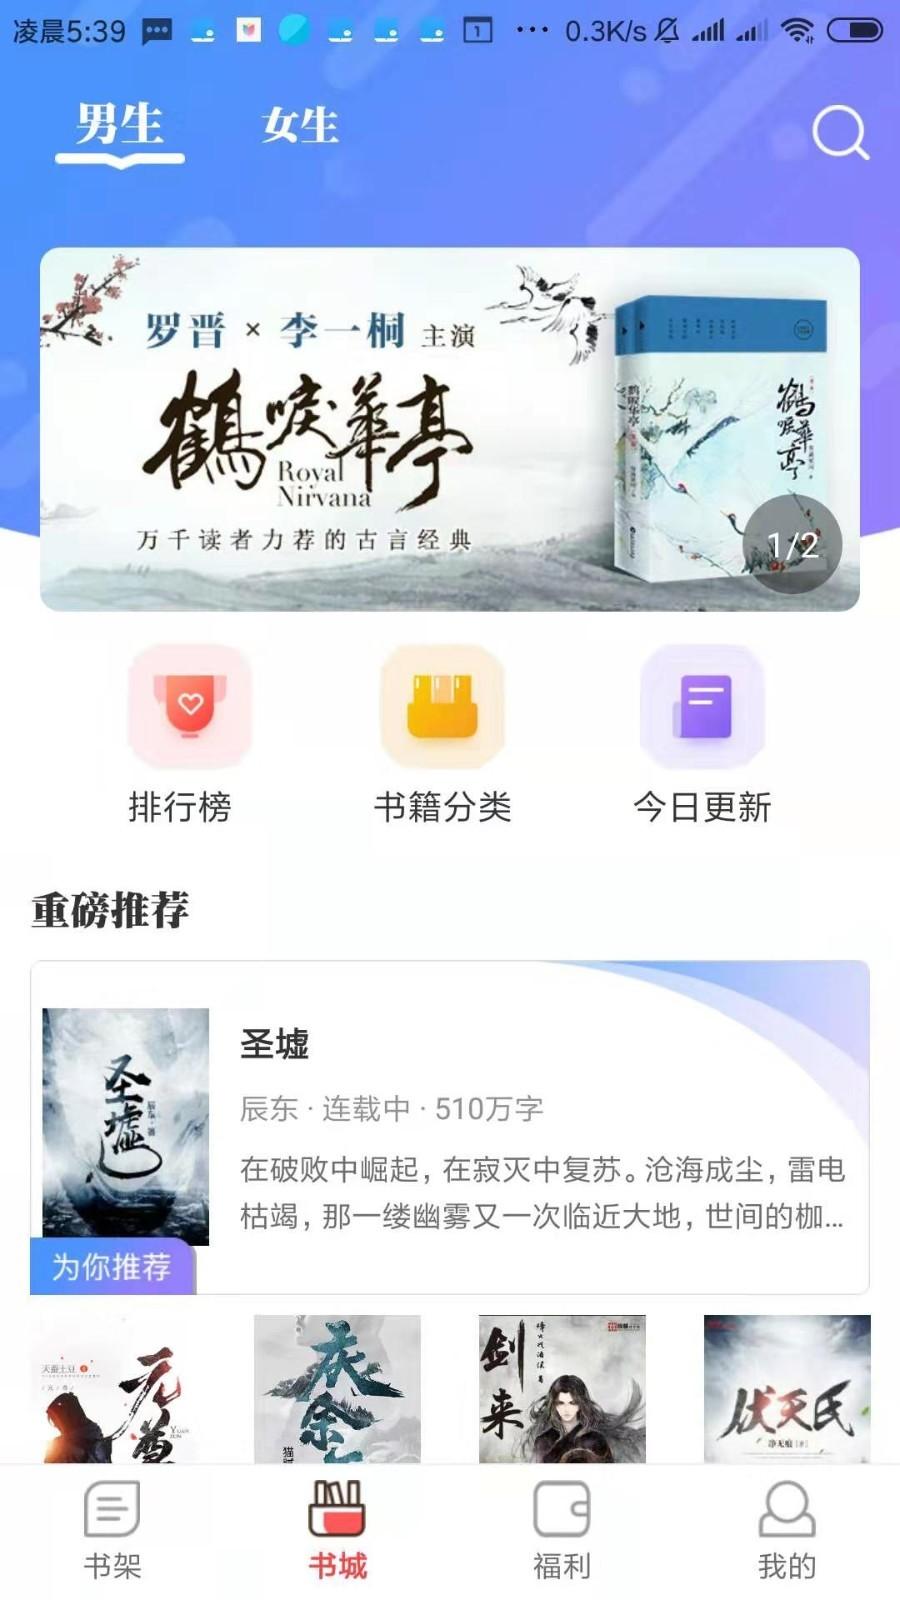 墨鱼小说APP V1.0.8 安卓版截图4